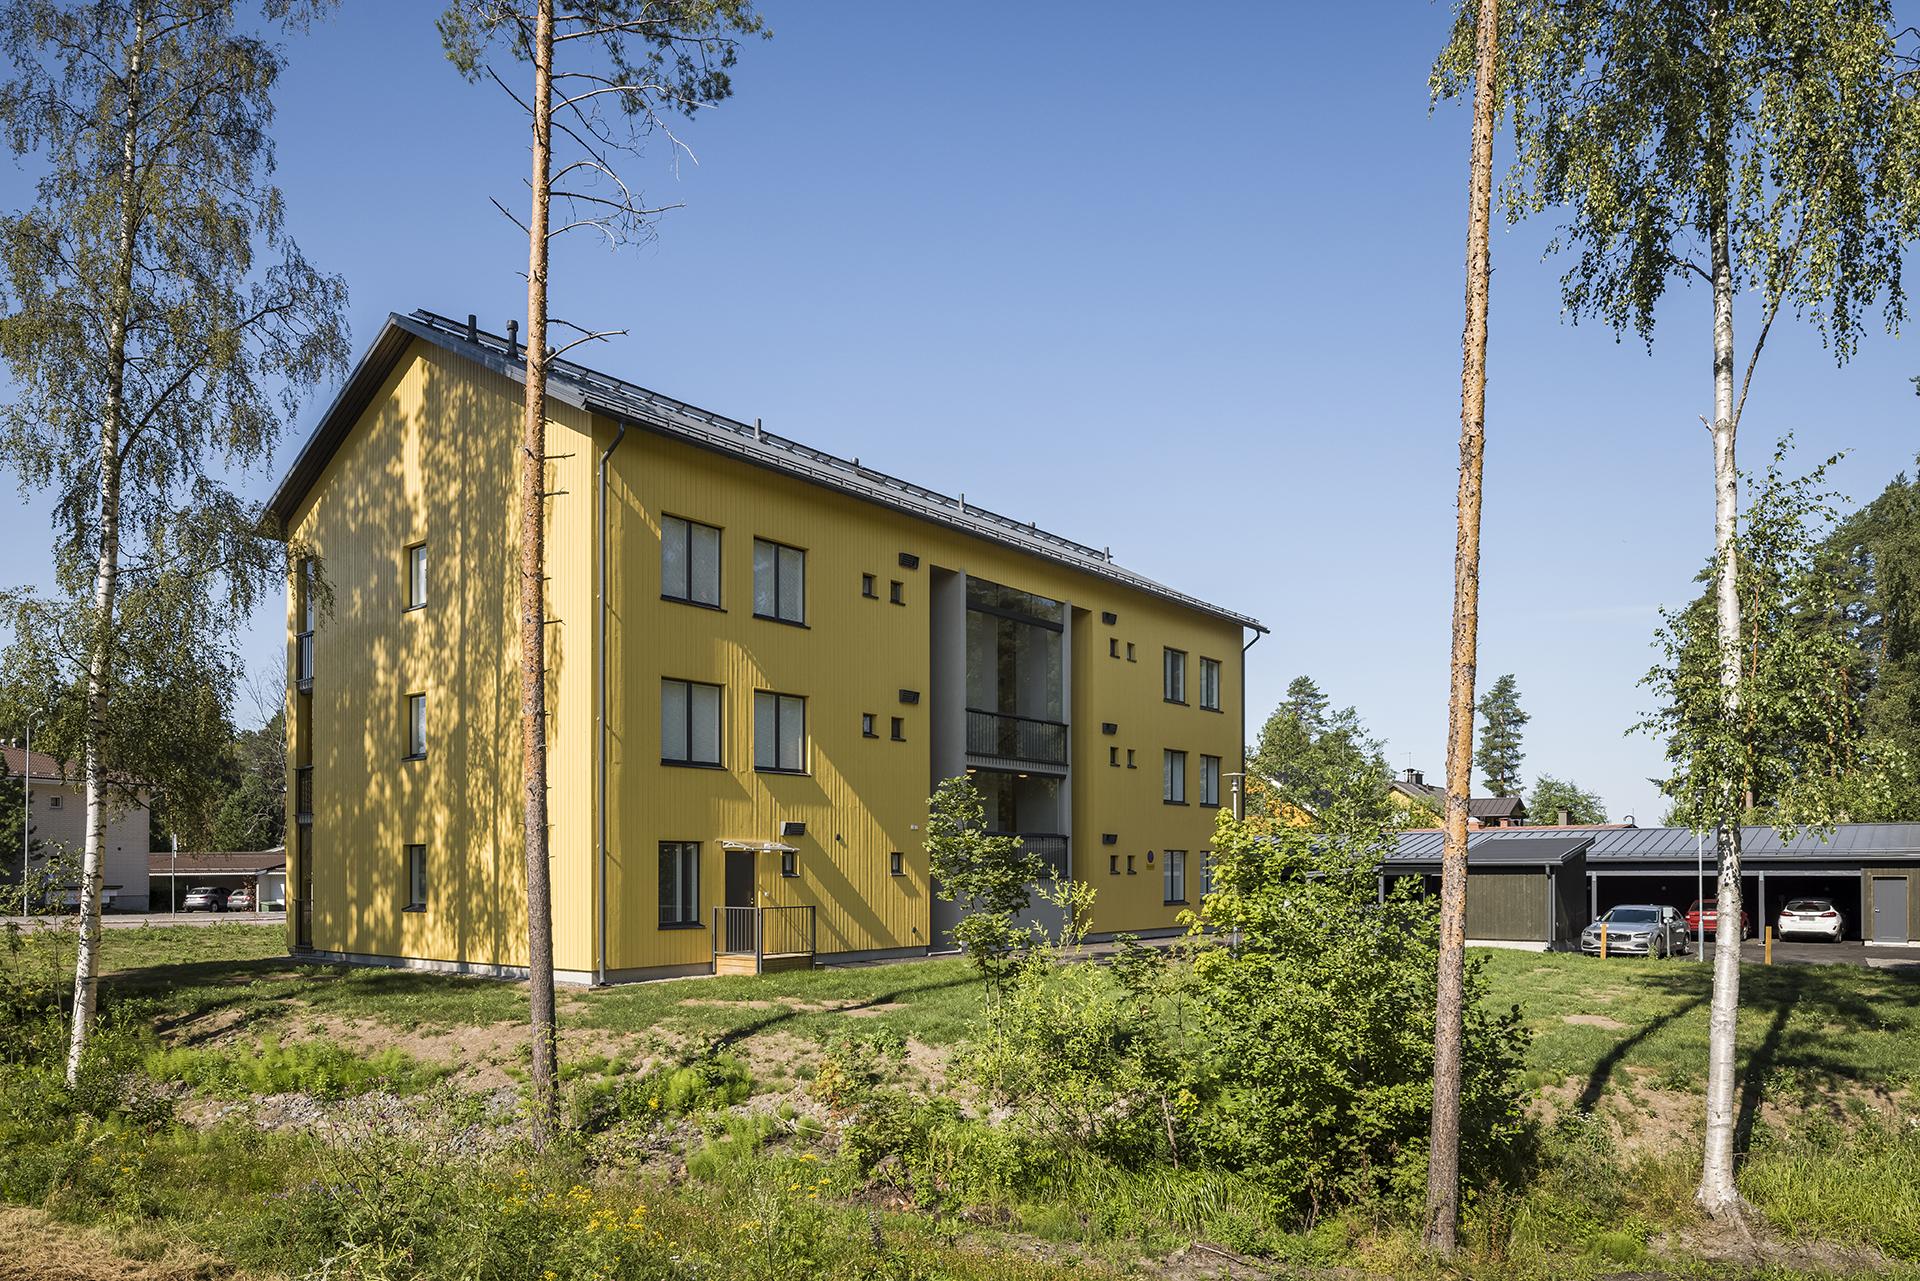 As Oy Jyväskylän Kaarnan korttelin sisäpiha